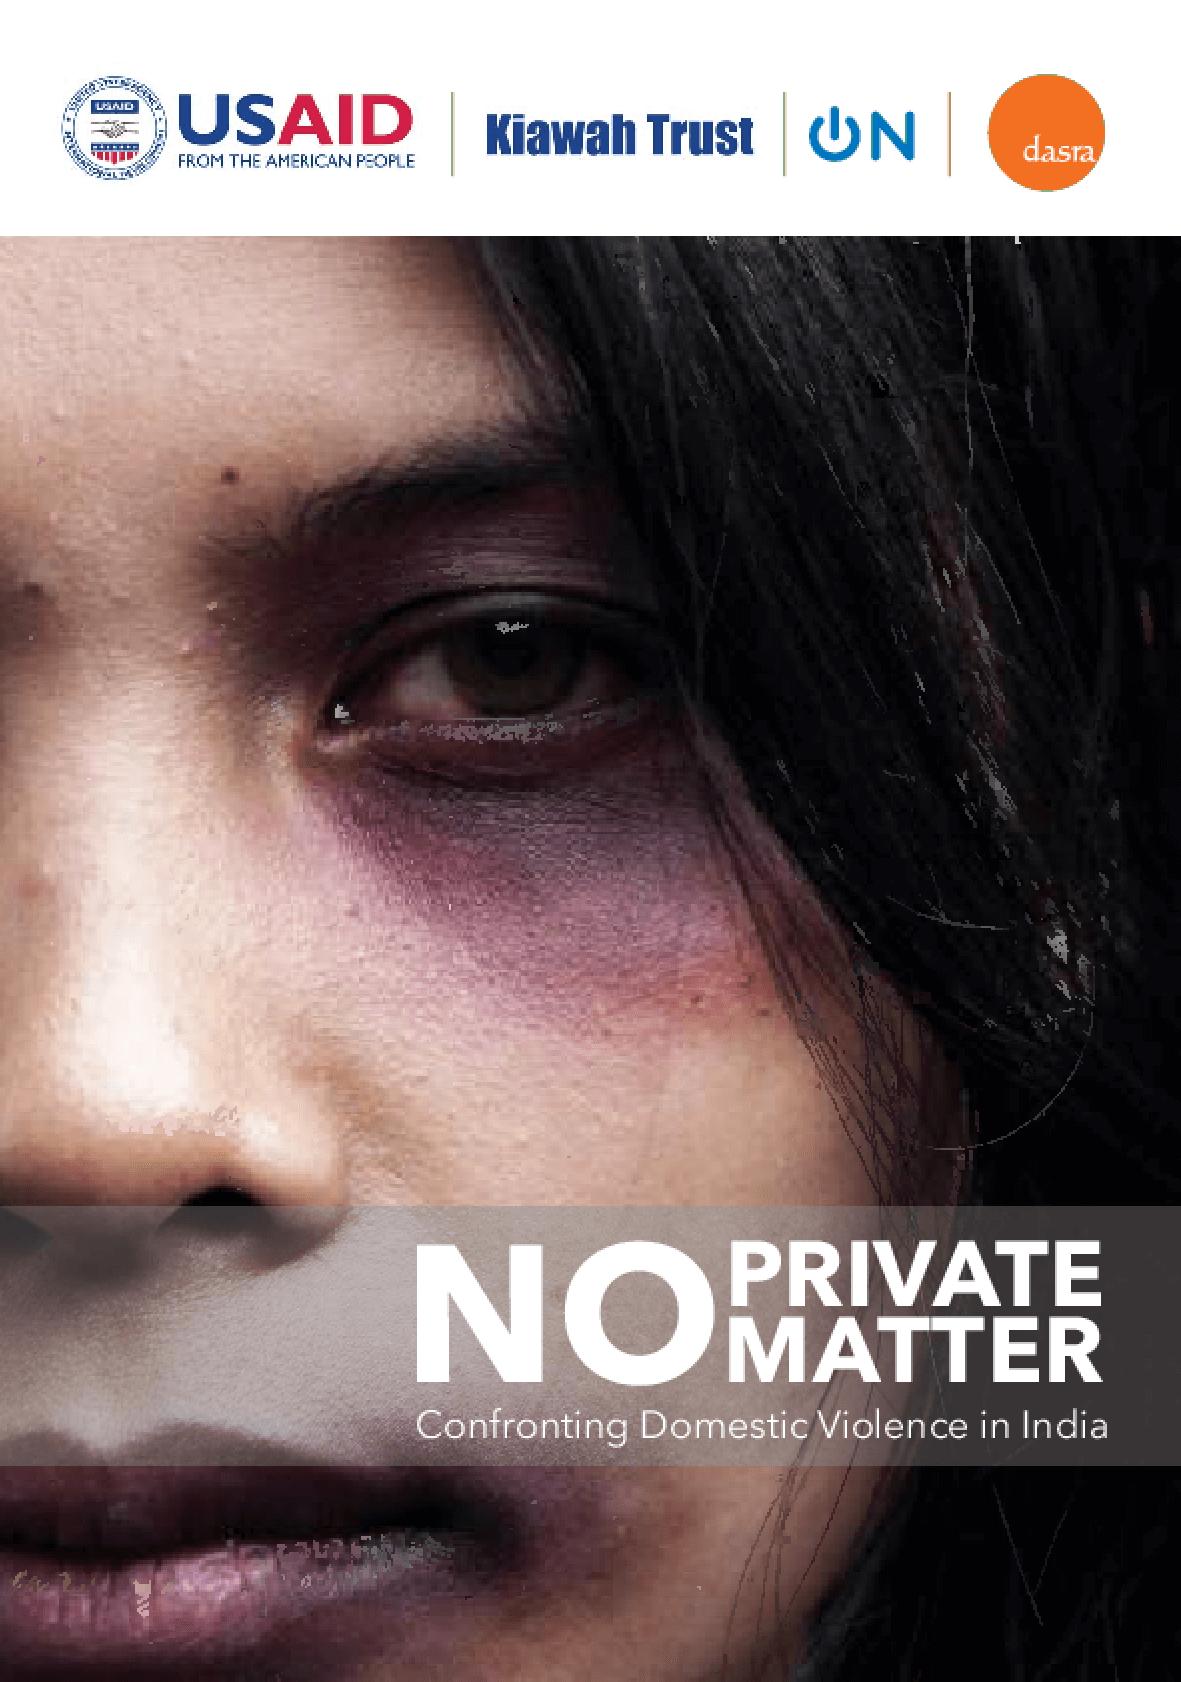 No Private Matter: Confronting domestic violence in India